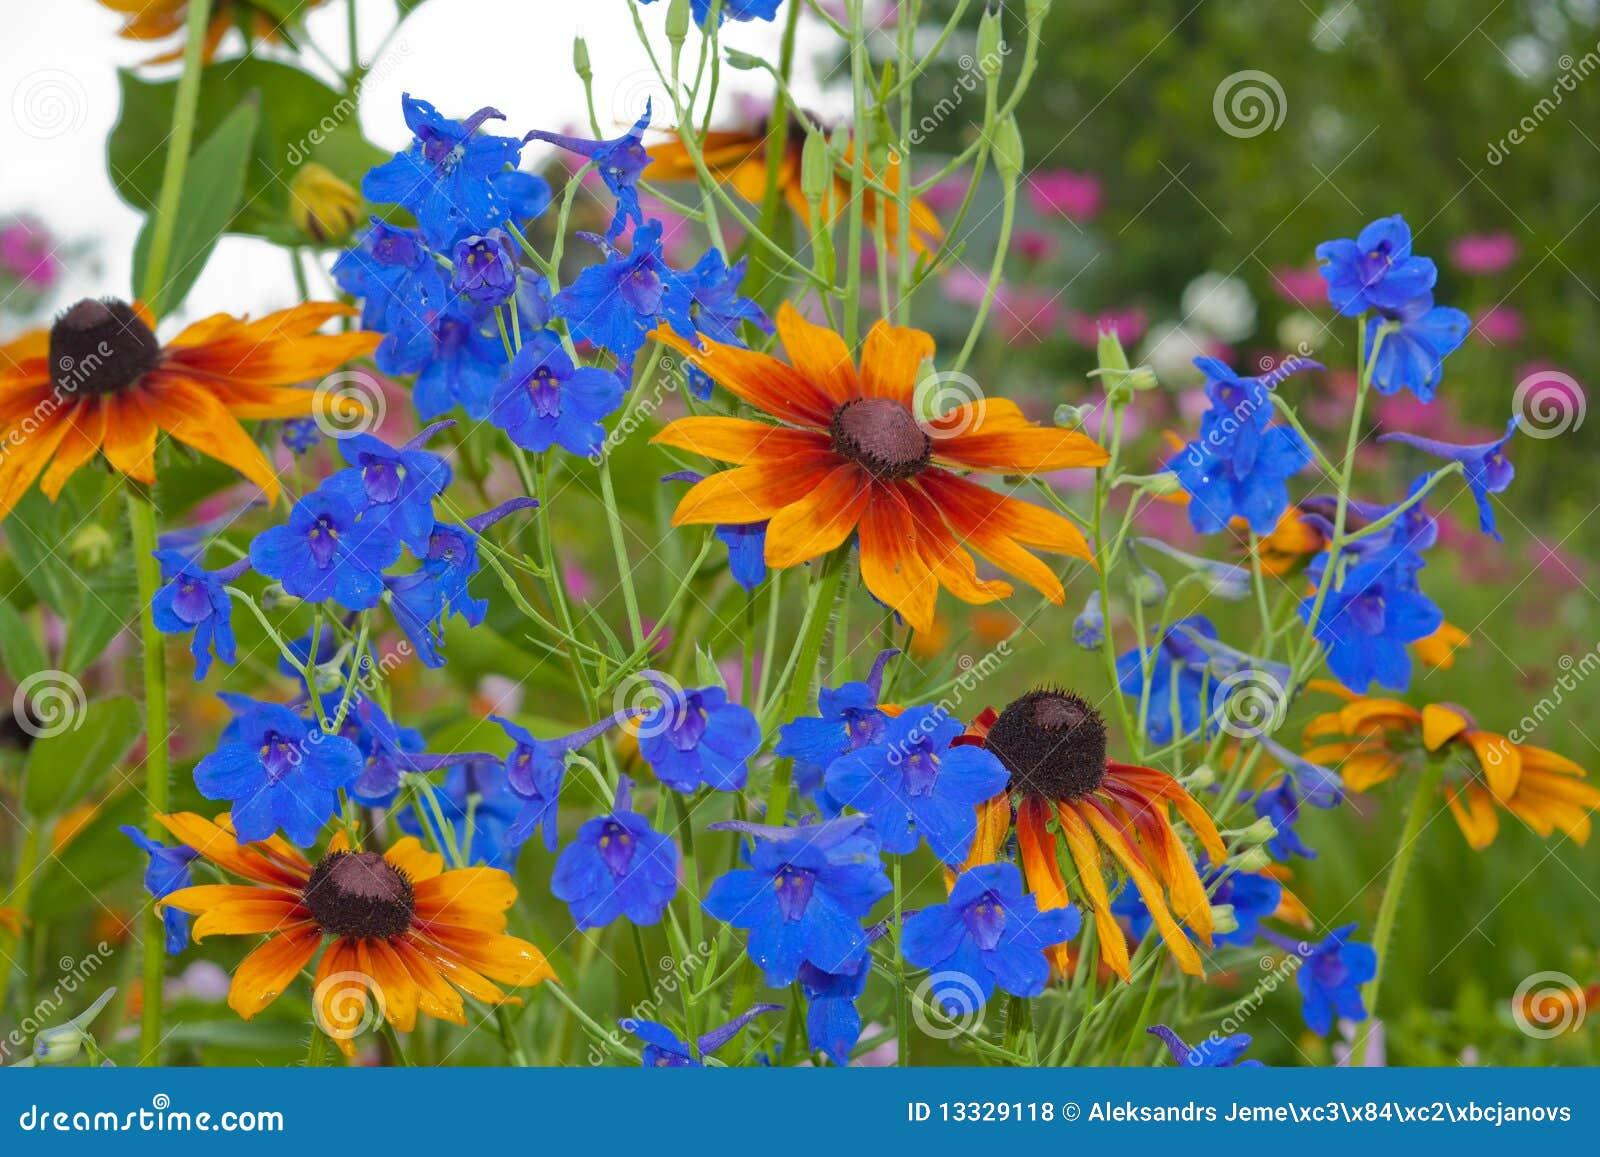 Dzwonkowy błękit zakończenia kwiat dzwonkowy